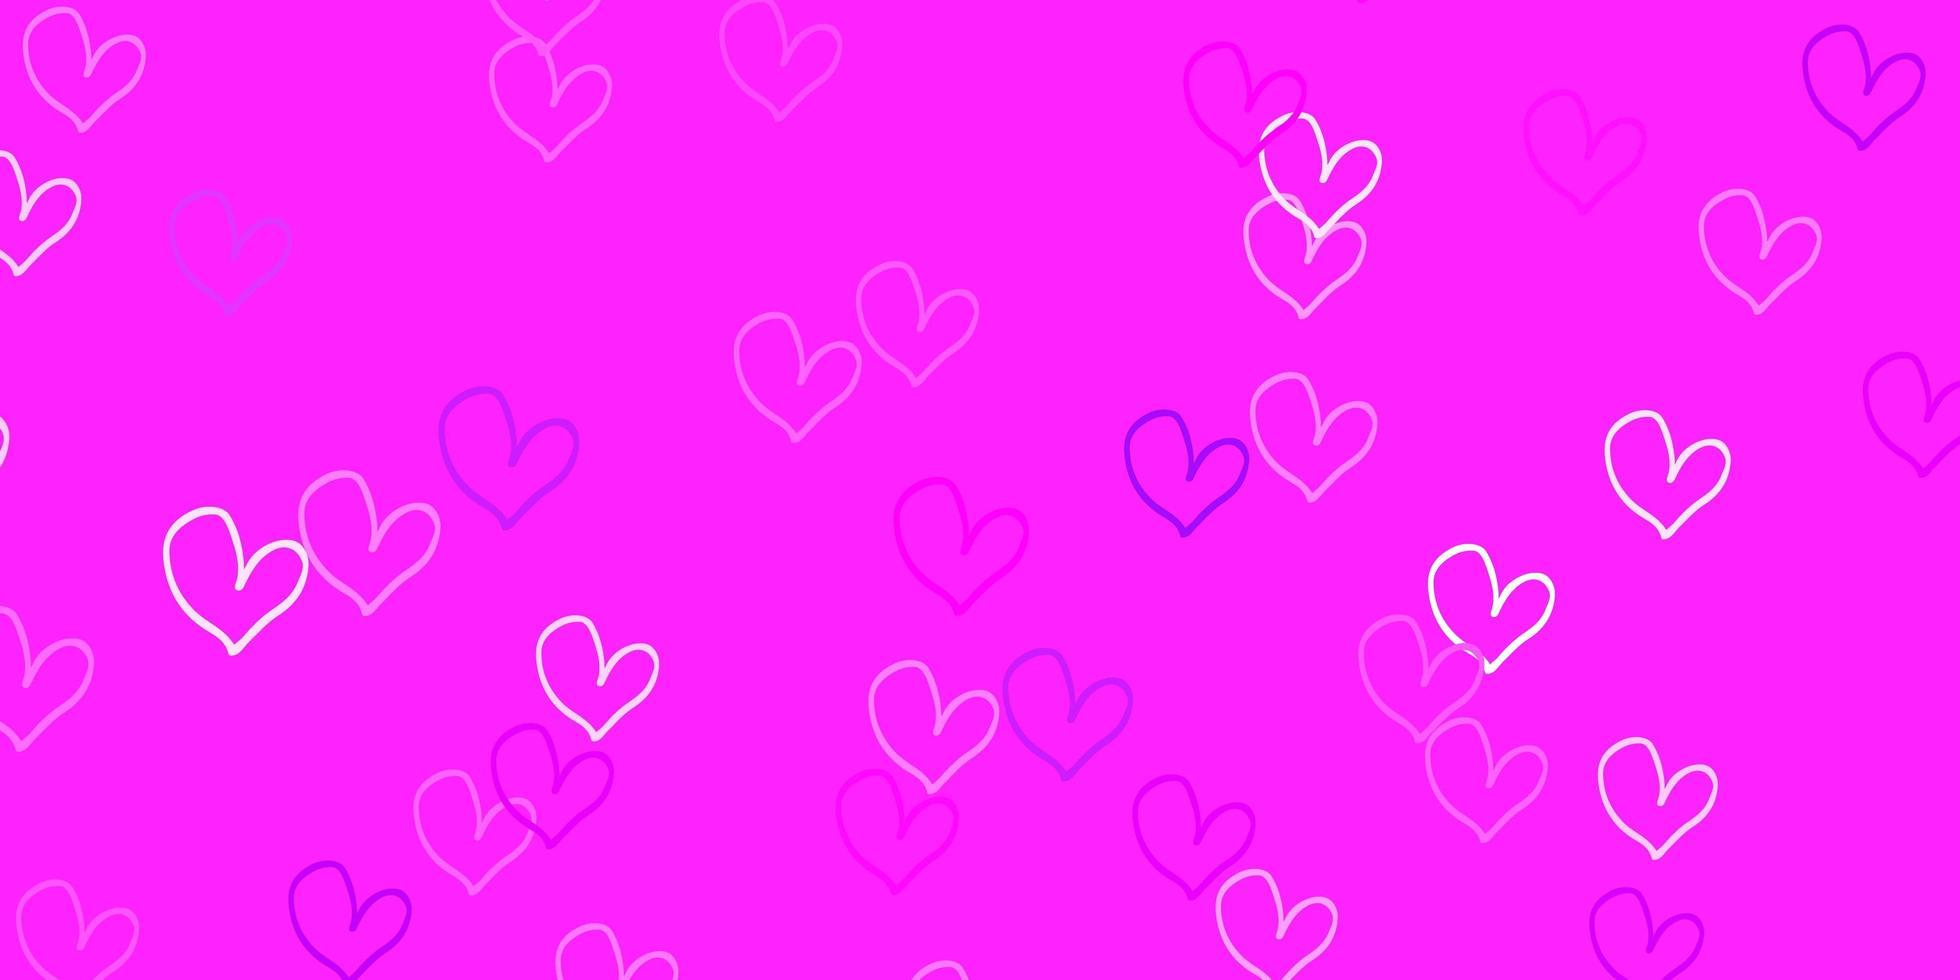 plantilla de vector de color púrpura claro, rosa con corazones de doodle.